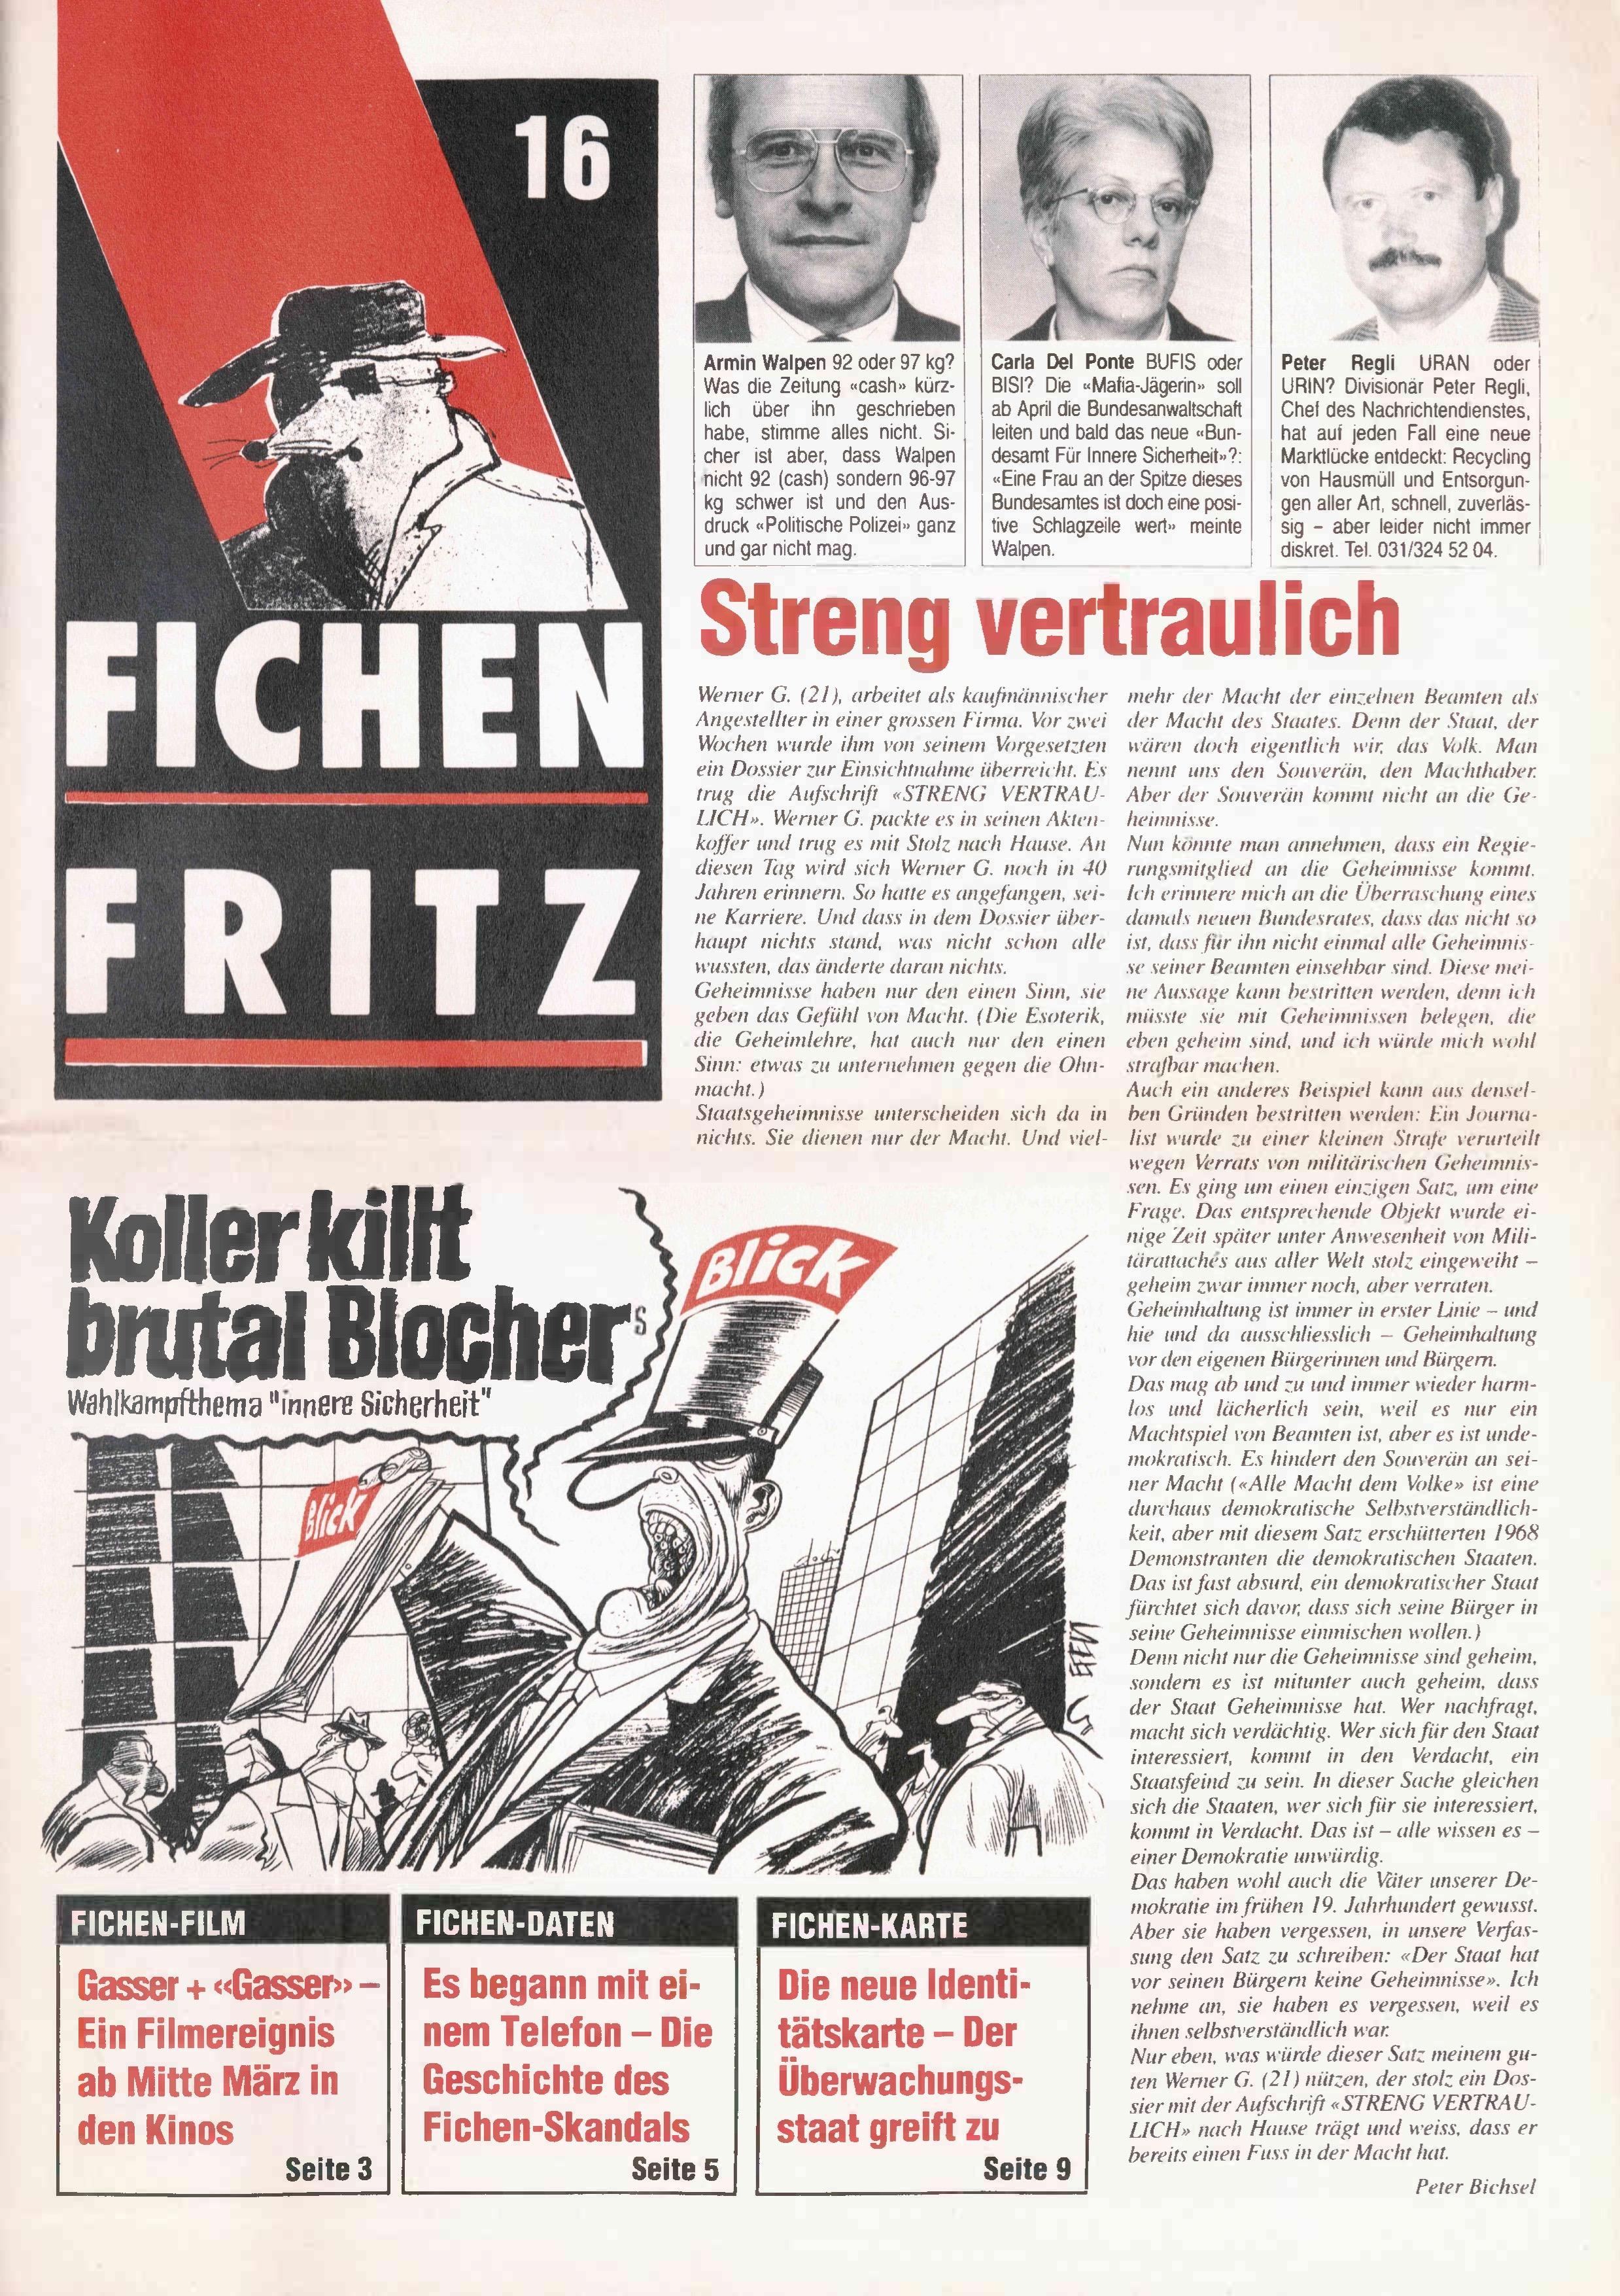 FICHEN FRITZ NR. 16 - SEITE 1